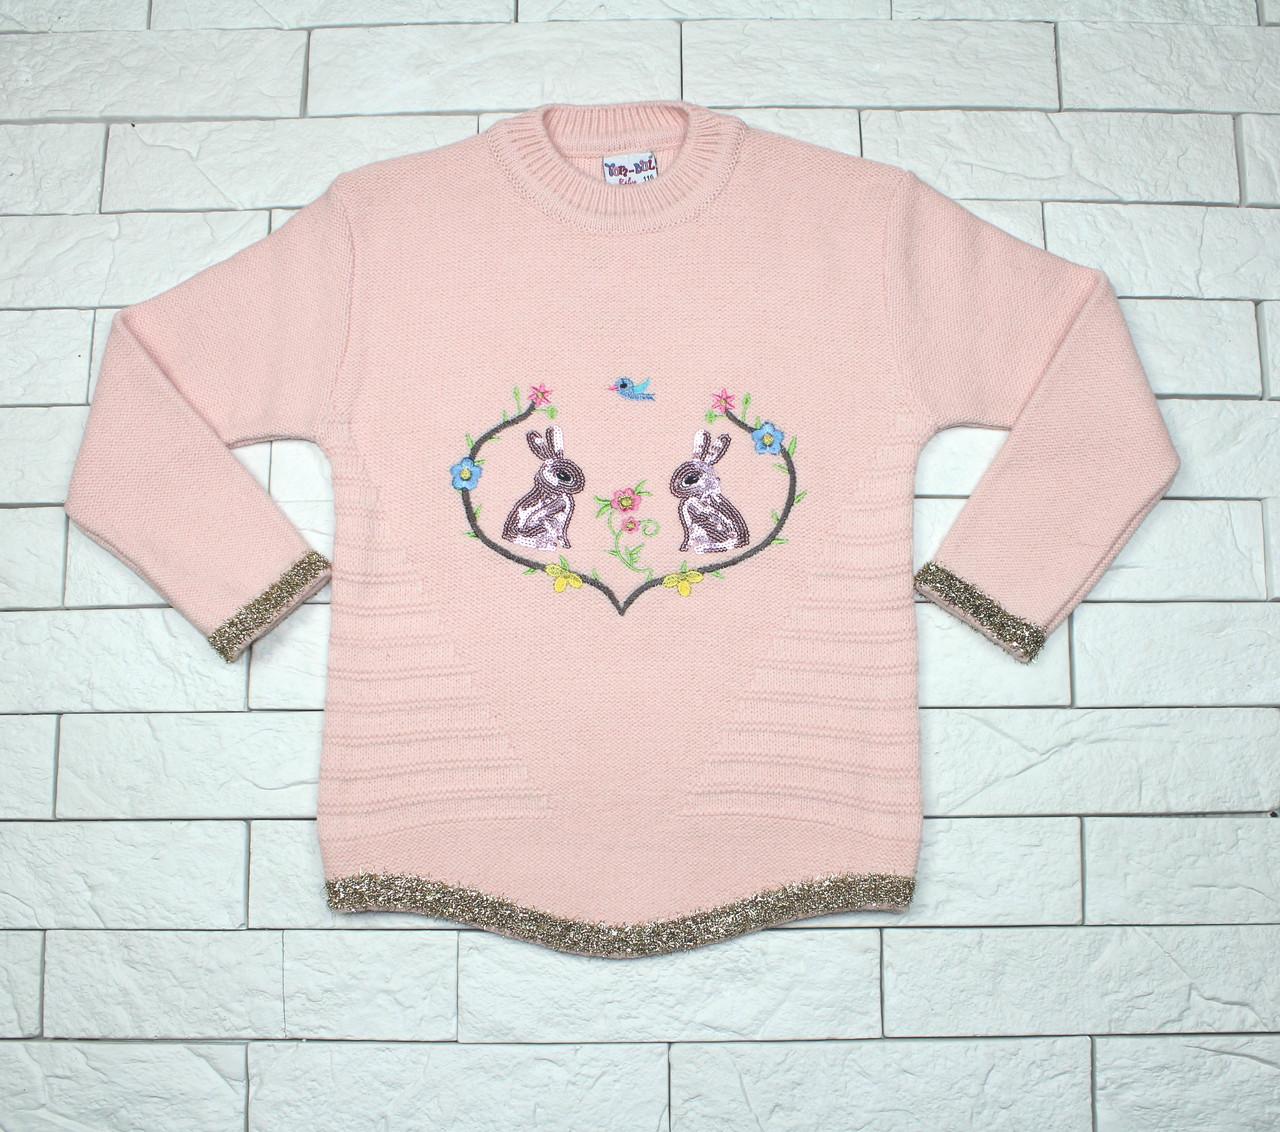 Теплый зимний свитер розовым цветом с зайчиками для девочки